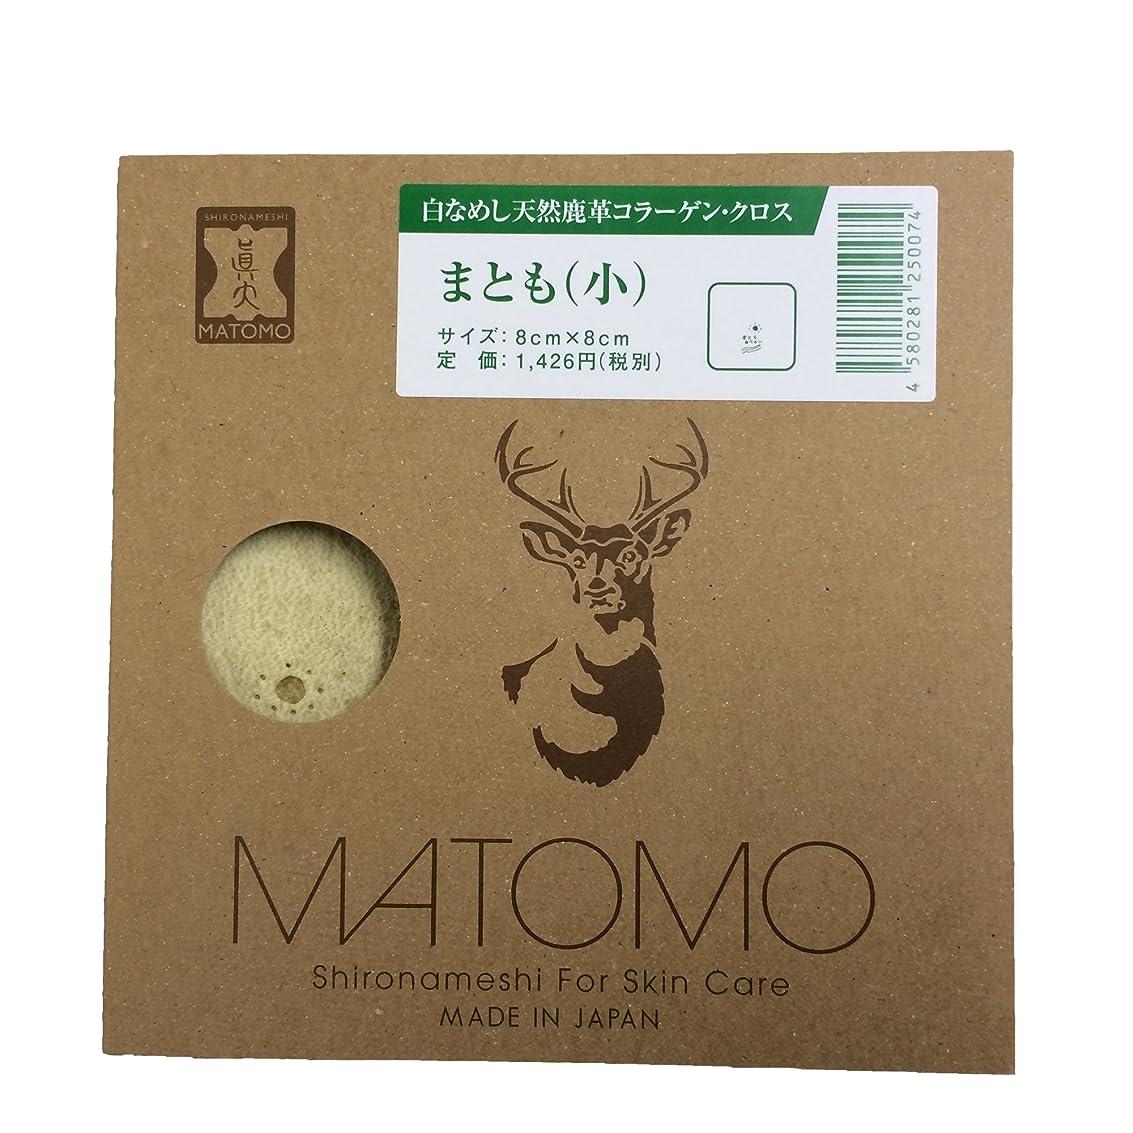 中国音節著名なぷるぷるの天然コラーゲン繊維で優しく肌の汚れを洗浄 天然鹿皮洗顔クロス「MATOMO」小